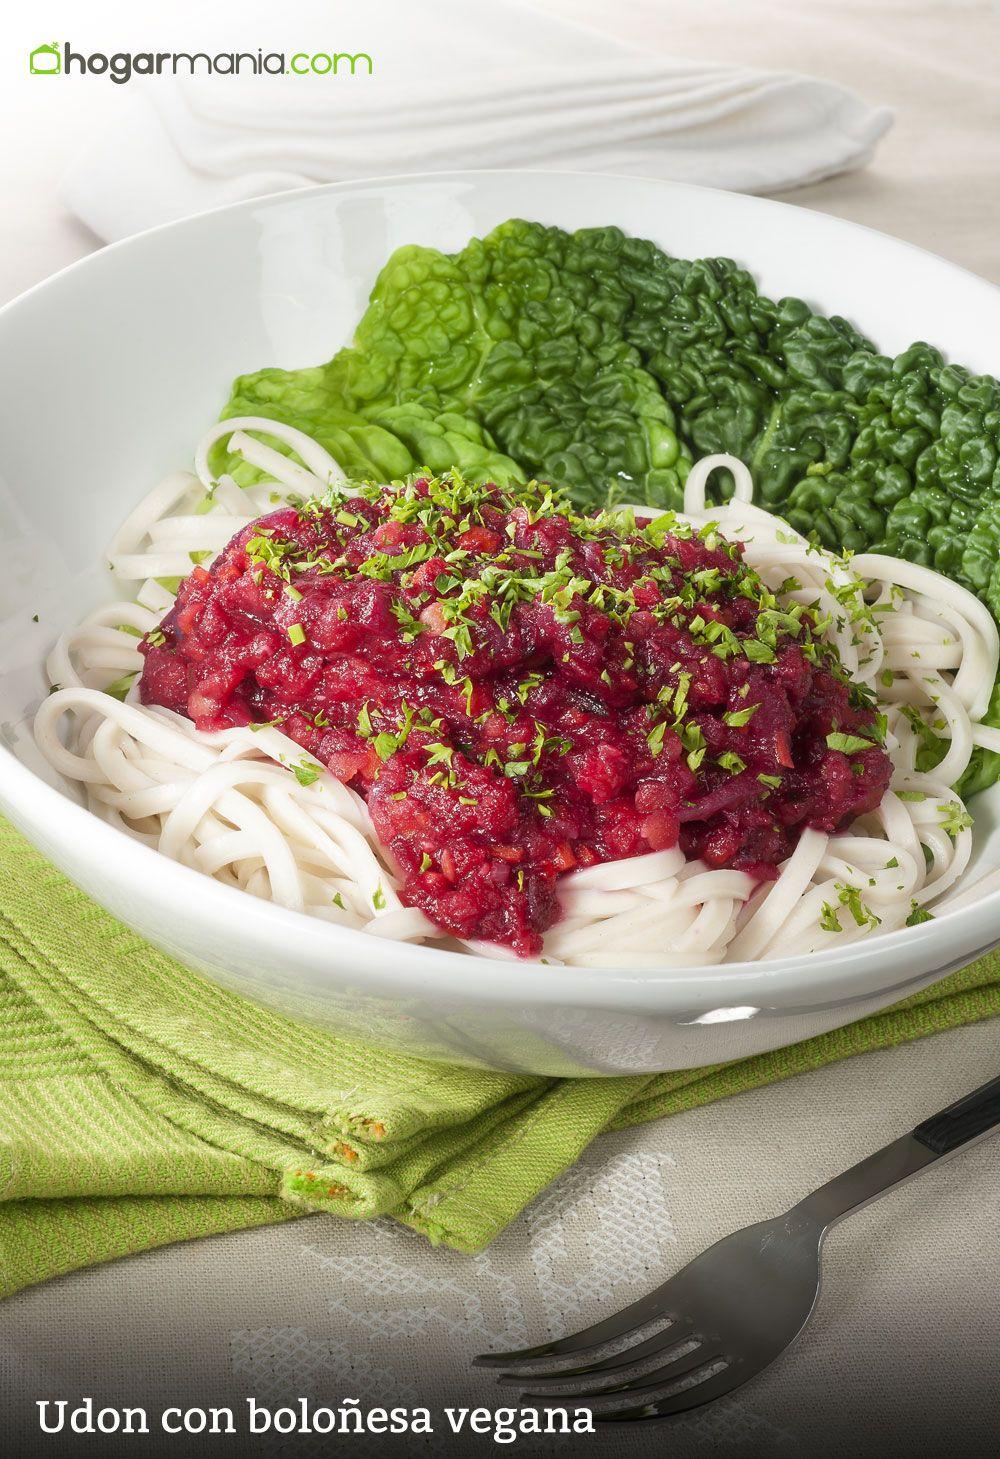 Udon con boloñesa vegana